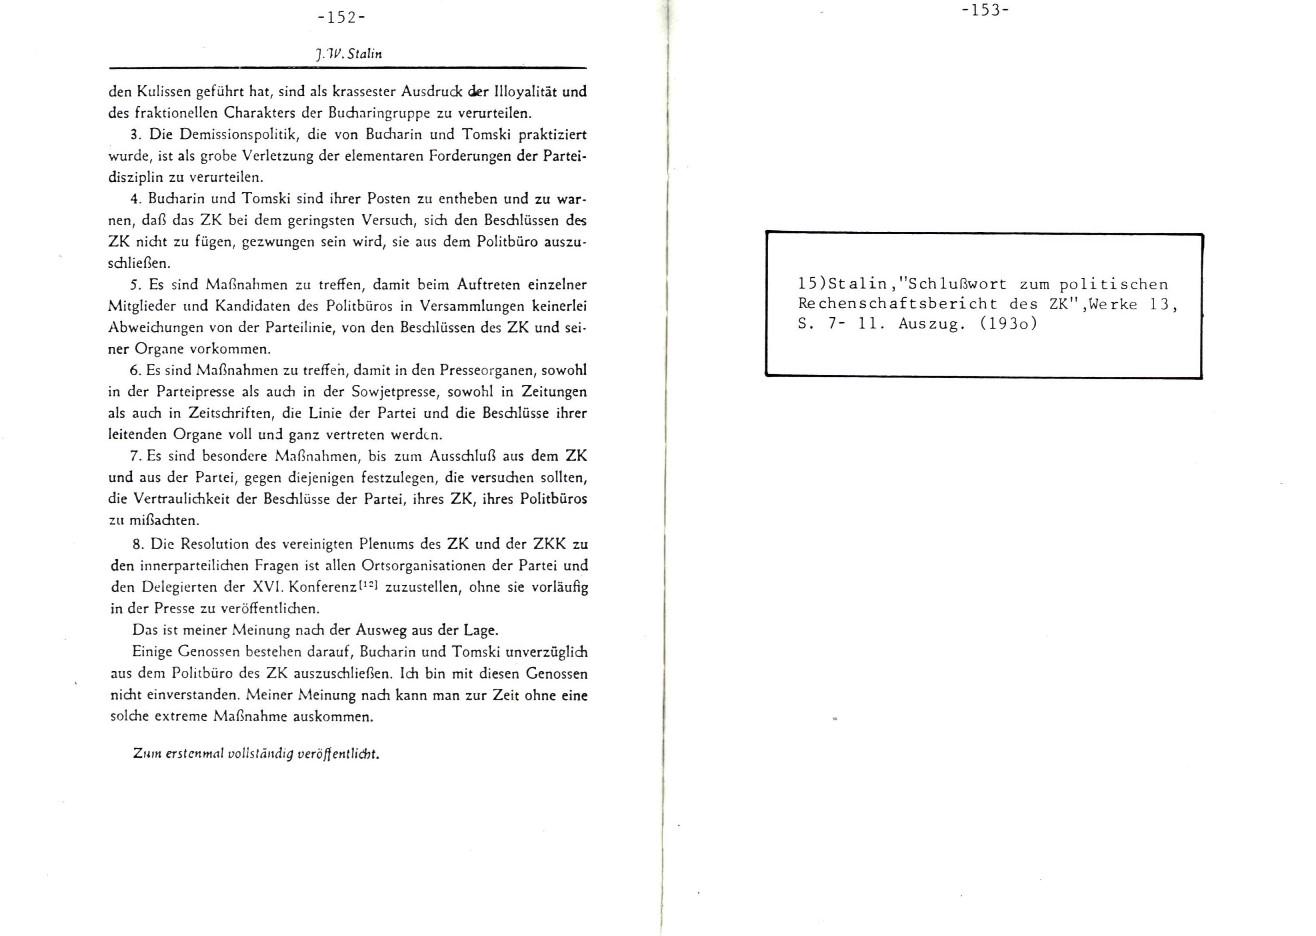 MLSK_Theorie_und_Praxis_des_ML_1979_25_77